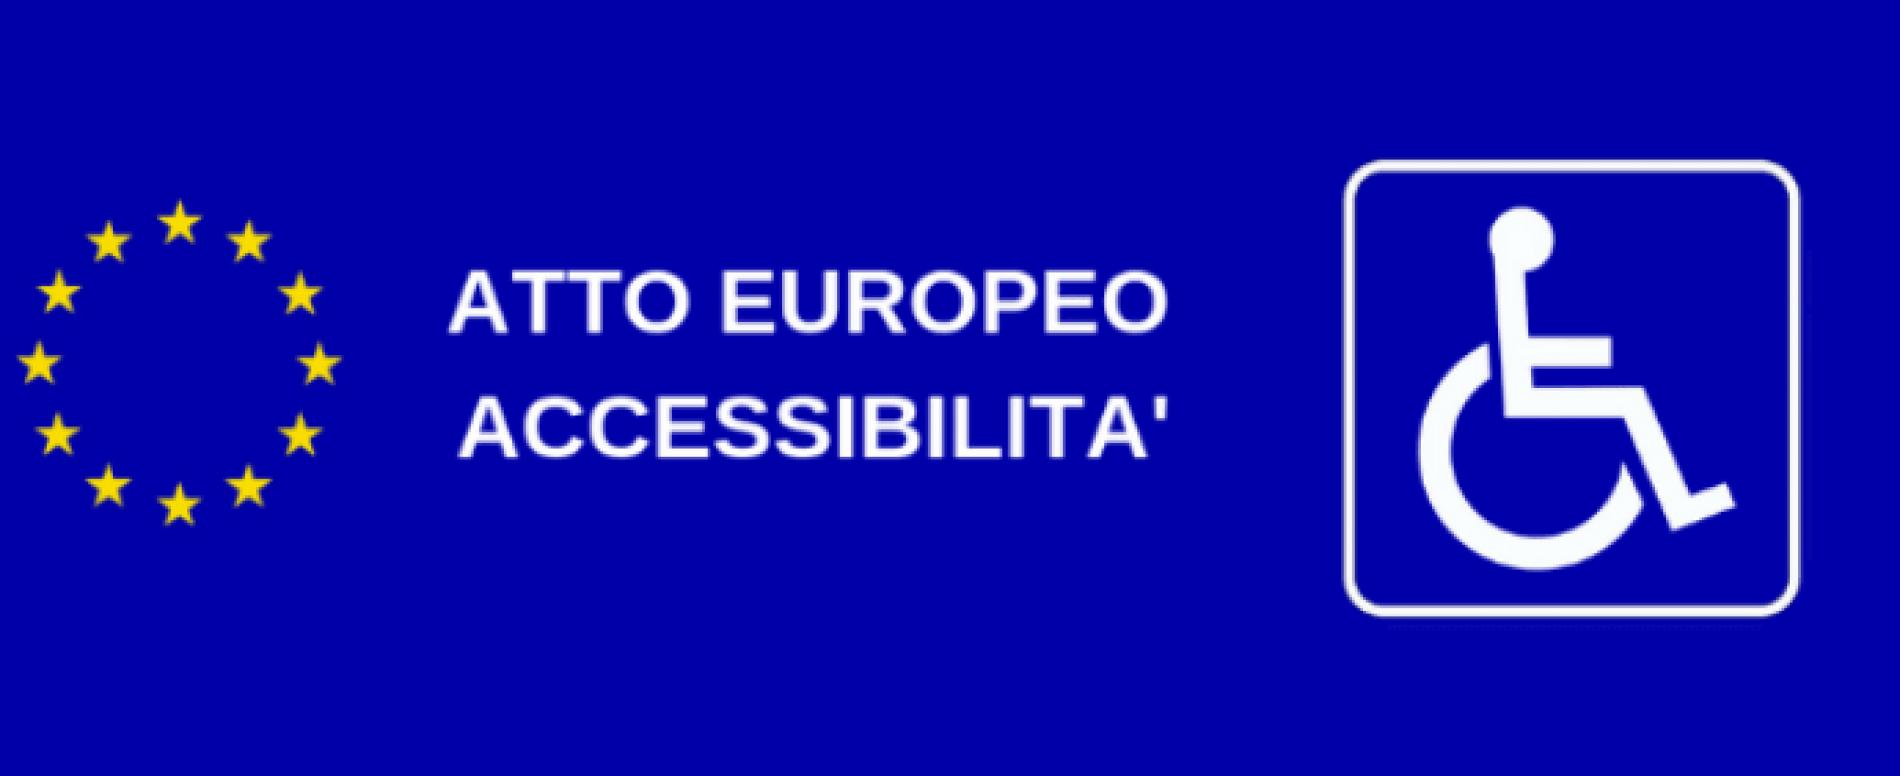 Il Parlamento europeo approva l'Atto Europeo sull'Accessibilità